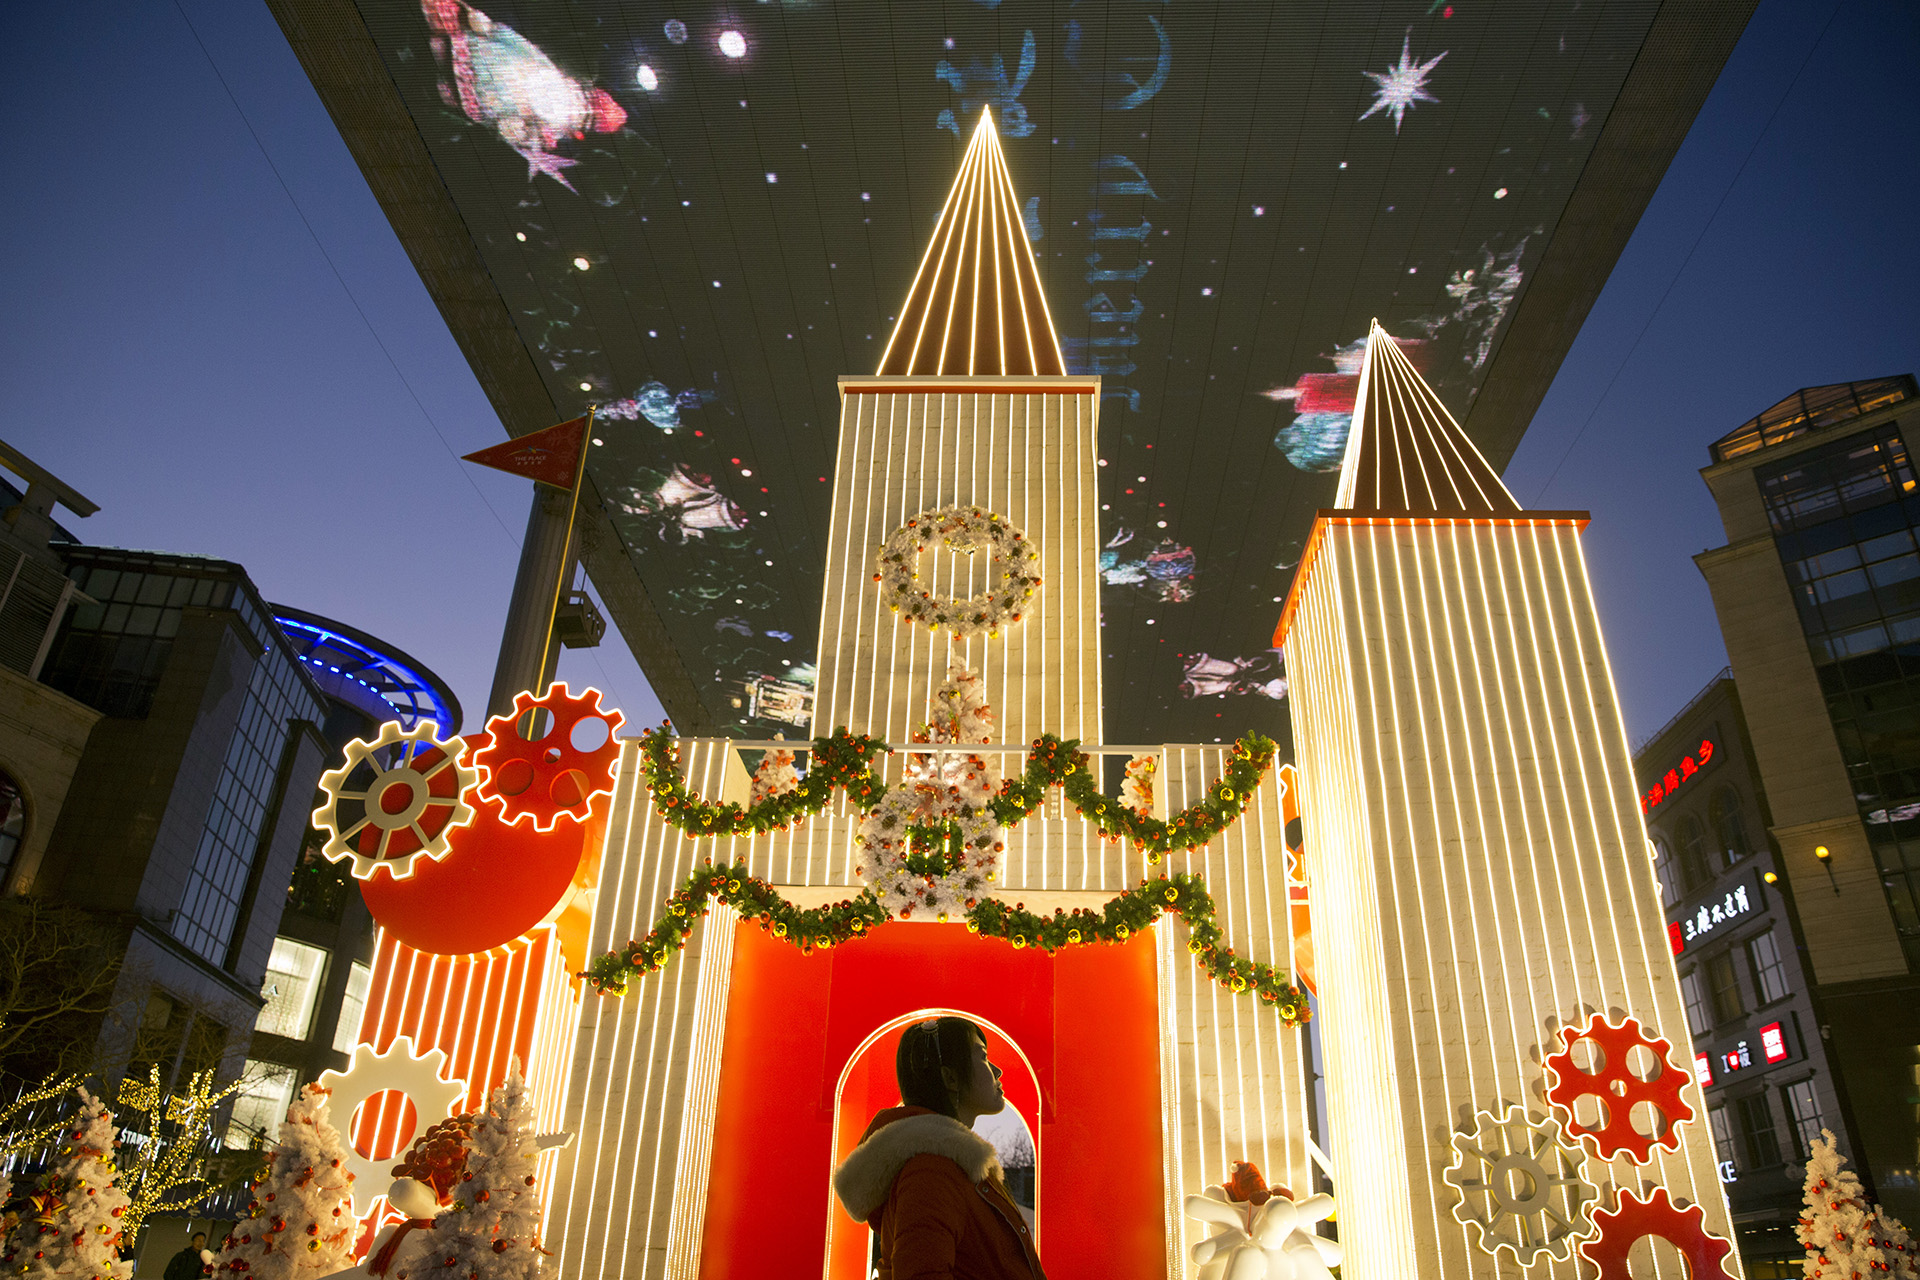 Una mujer china participa de los festejos por la llegada de la Navidad ante un adorno navideño dispuesto en un centro comercialenBeijing (AP Photo/Ng Han Guan)